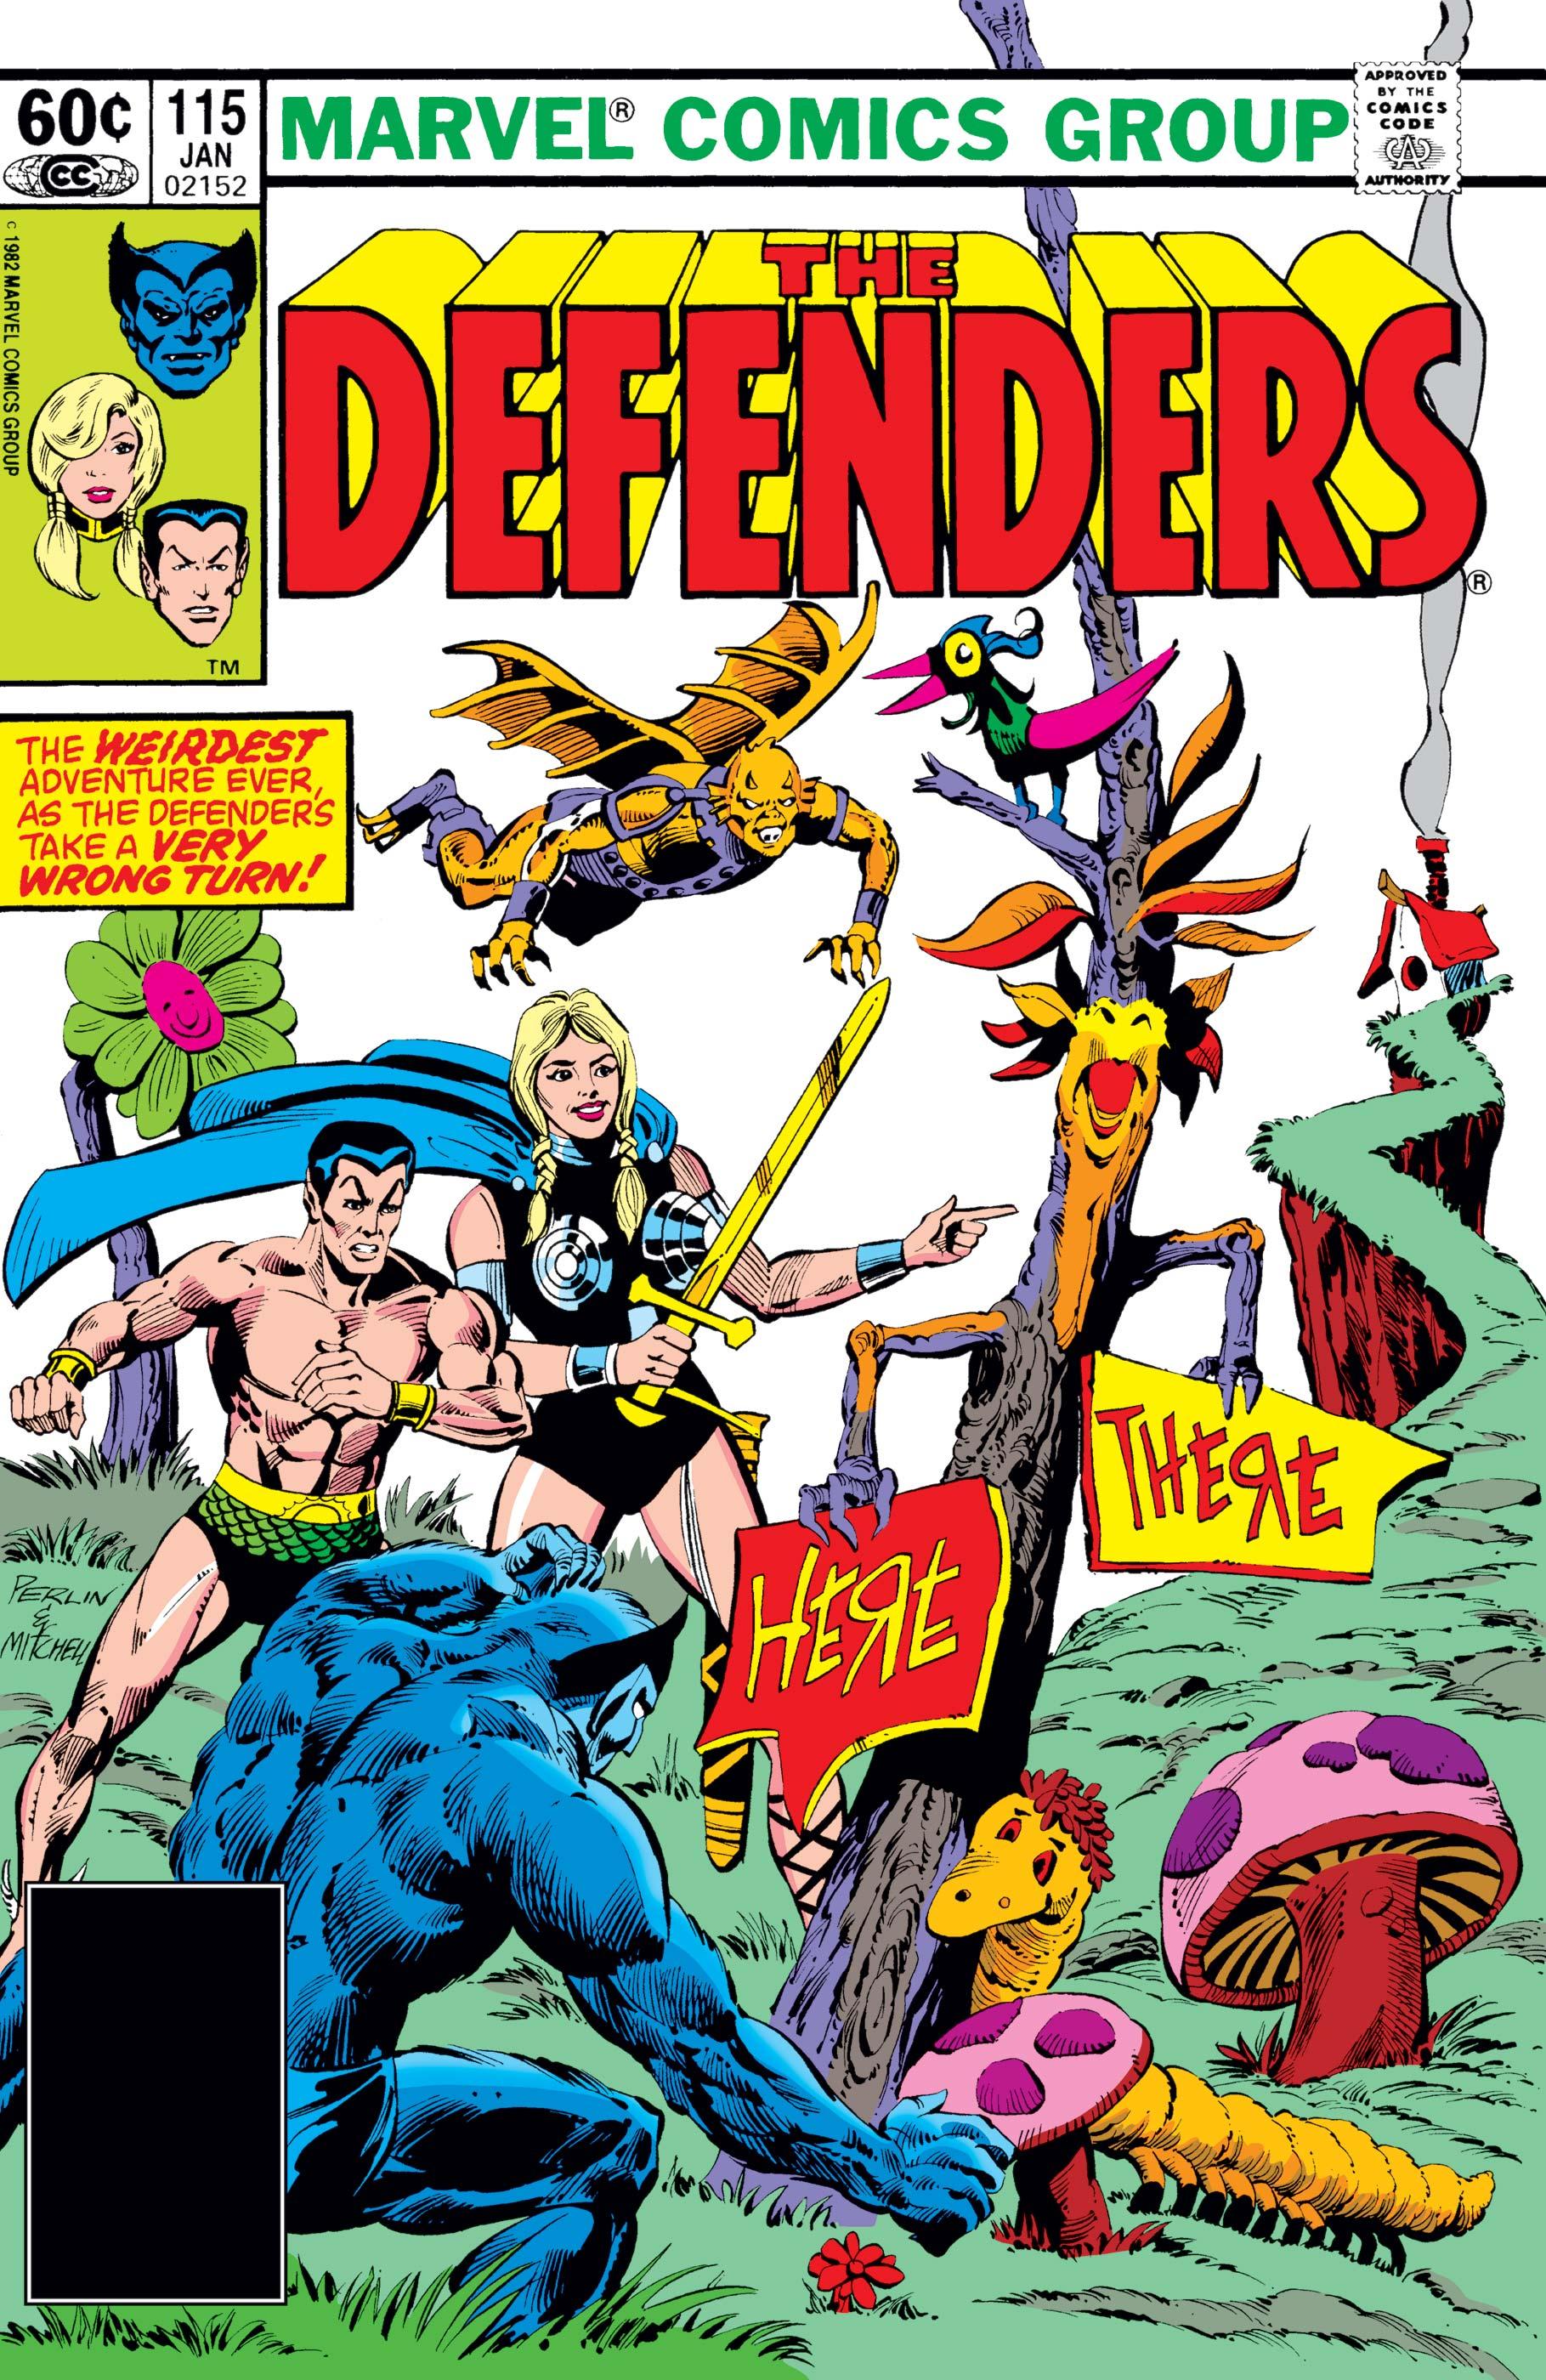 Defenders (1972) #115